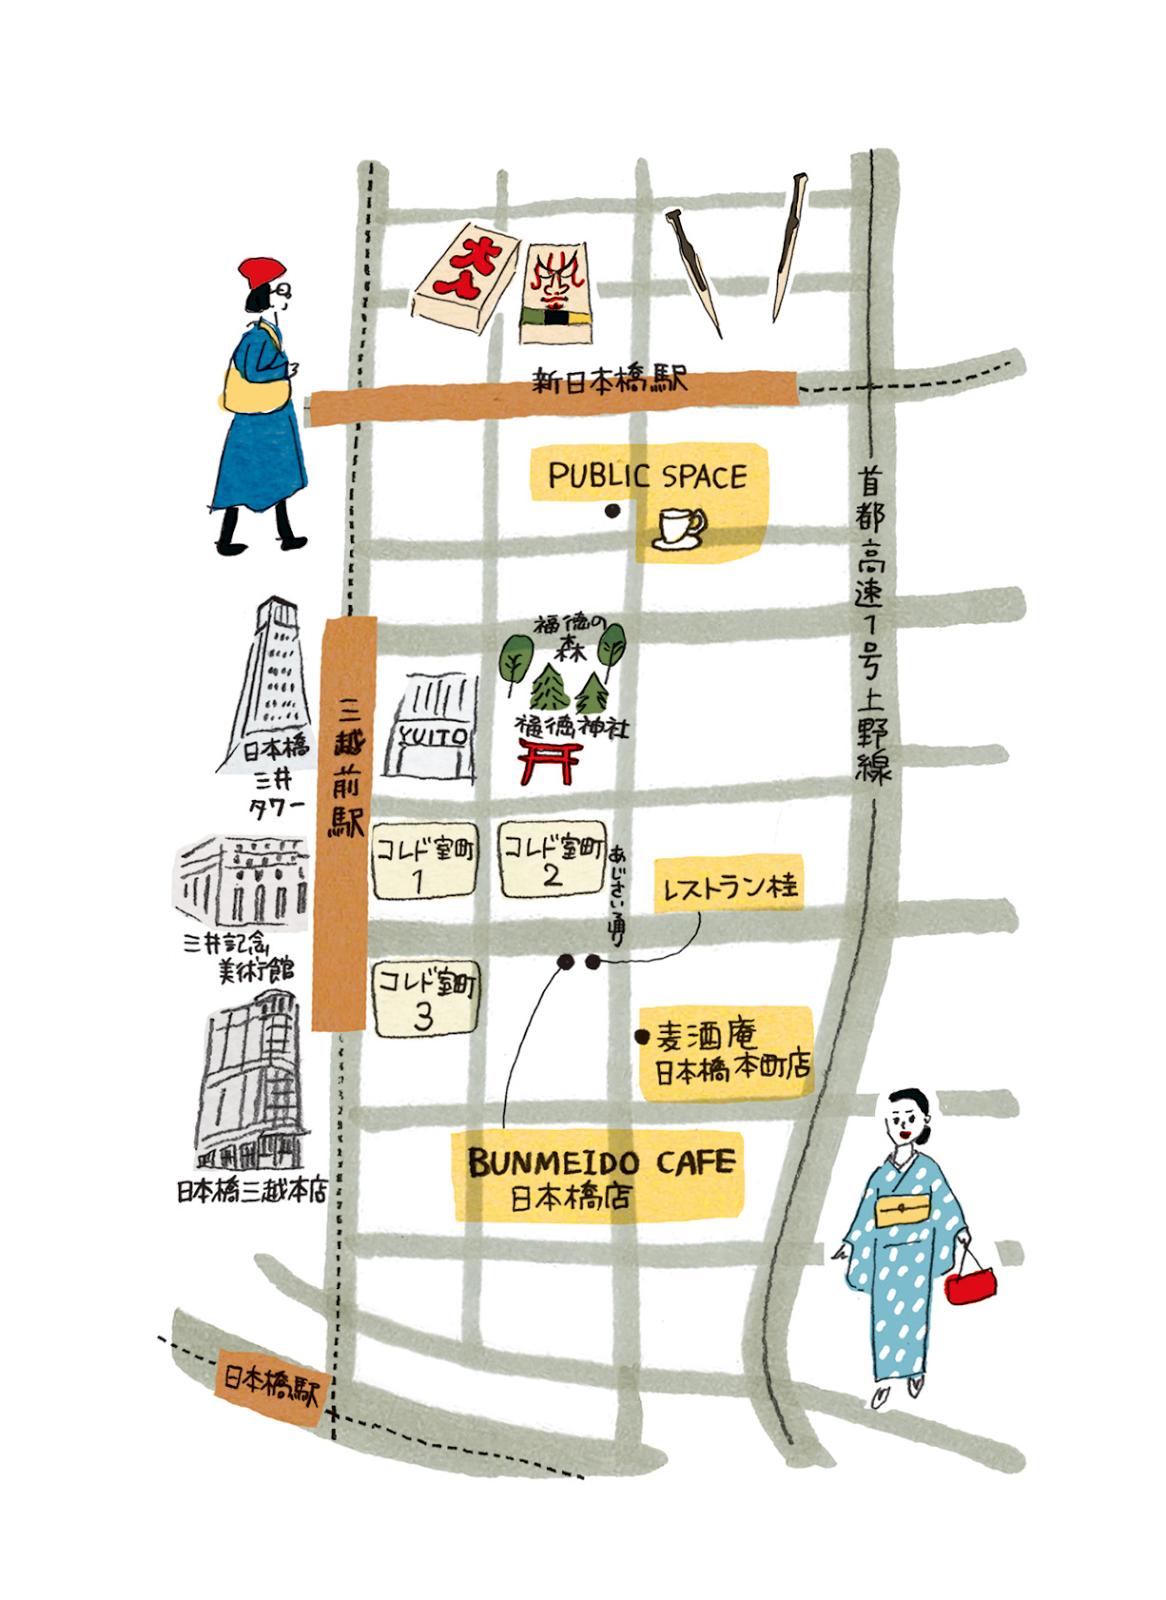 松元まり子のイラスト帖 日本橋 Map